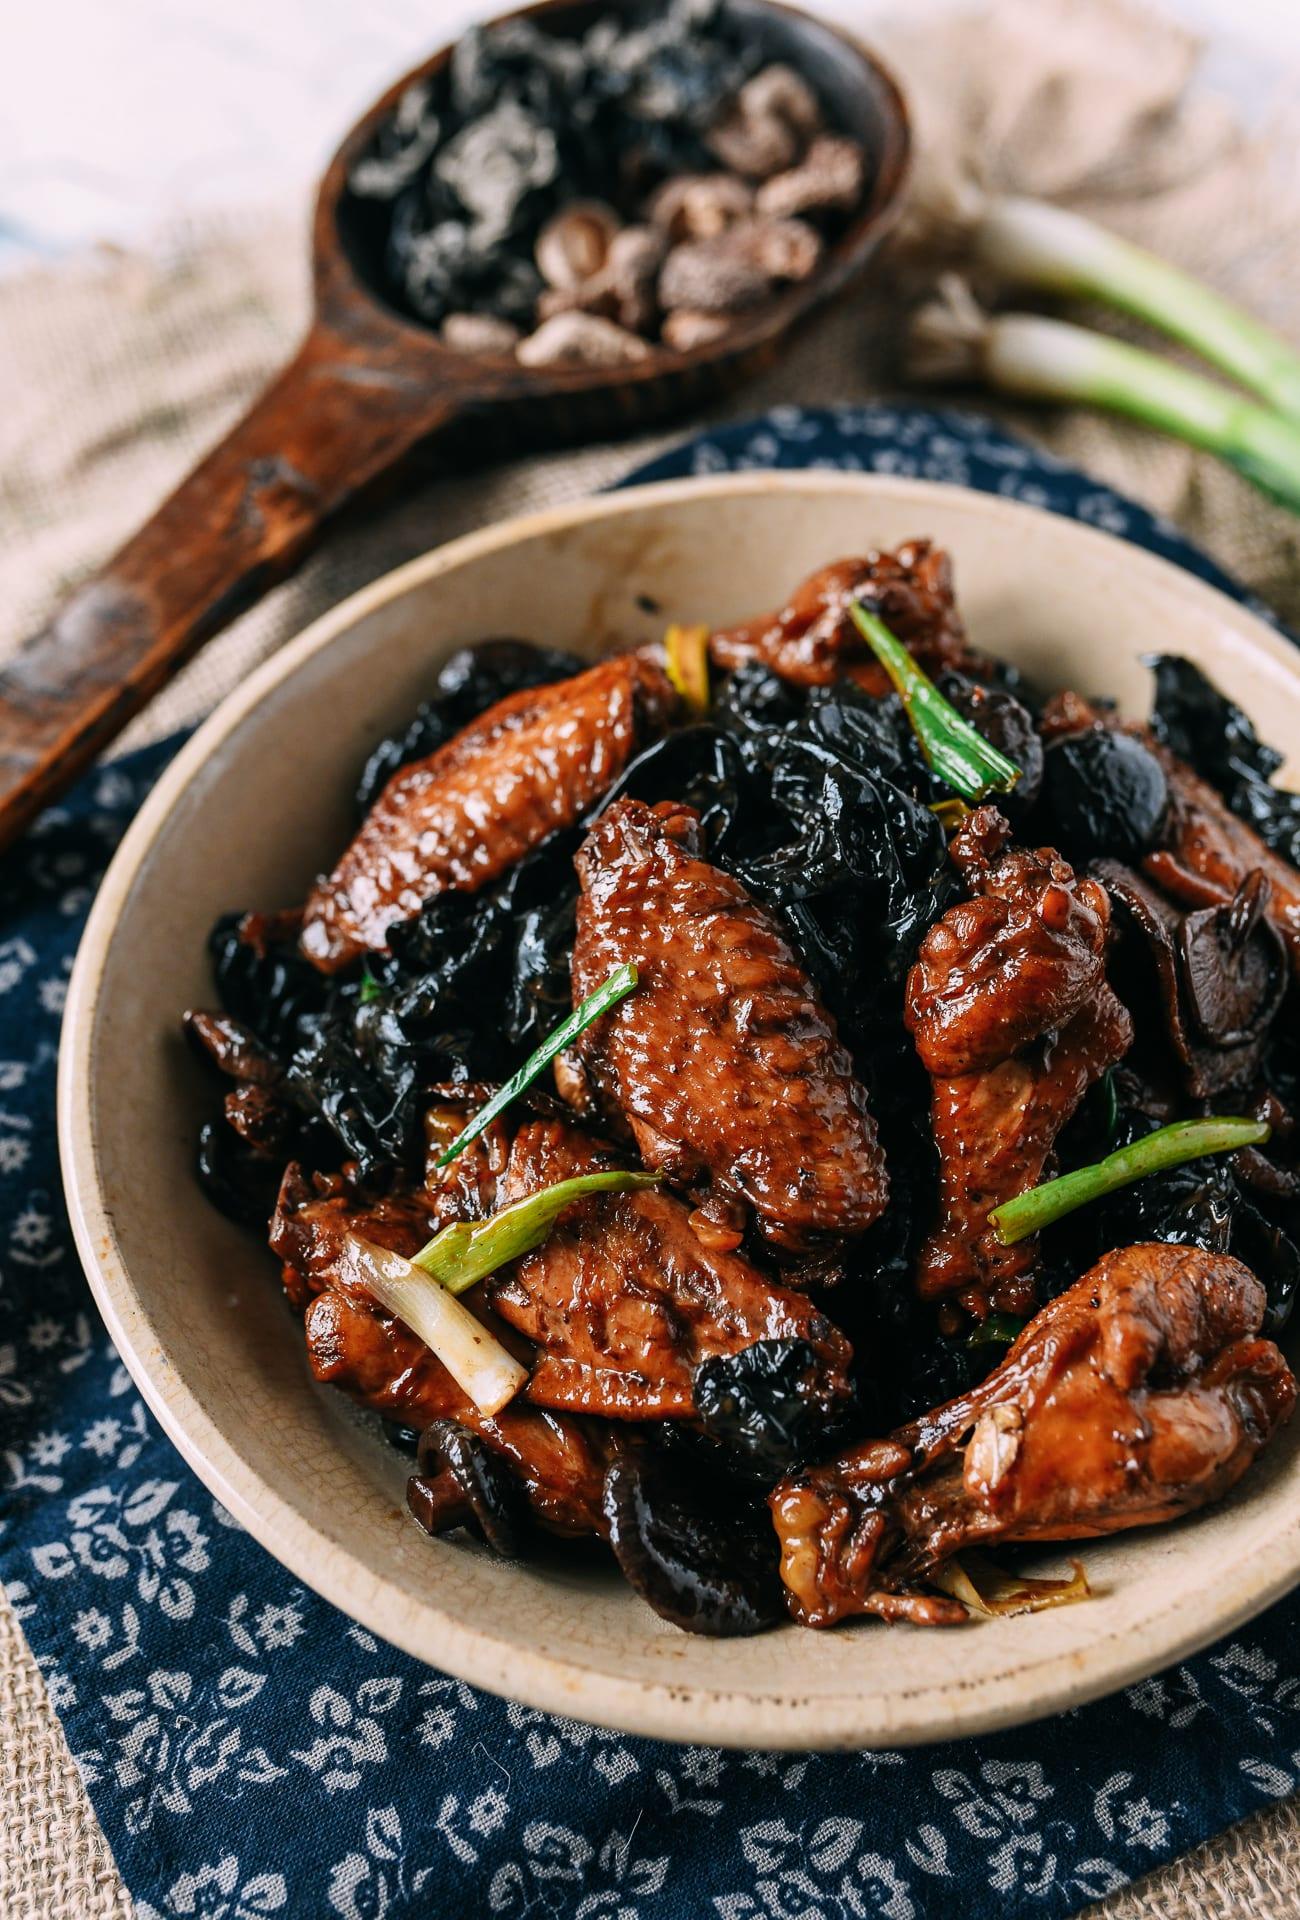 Chinese Braised Chicken and Mushrooms